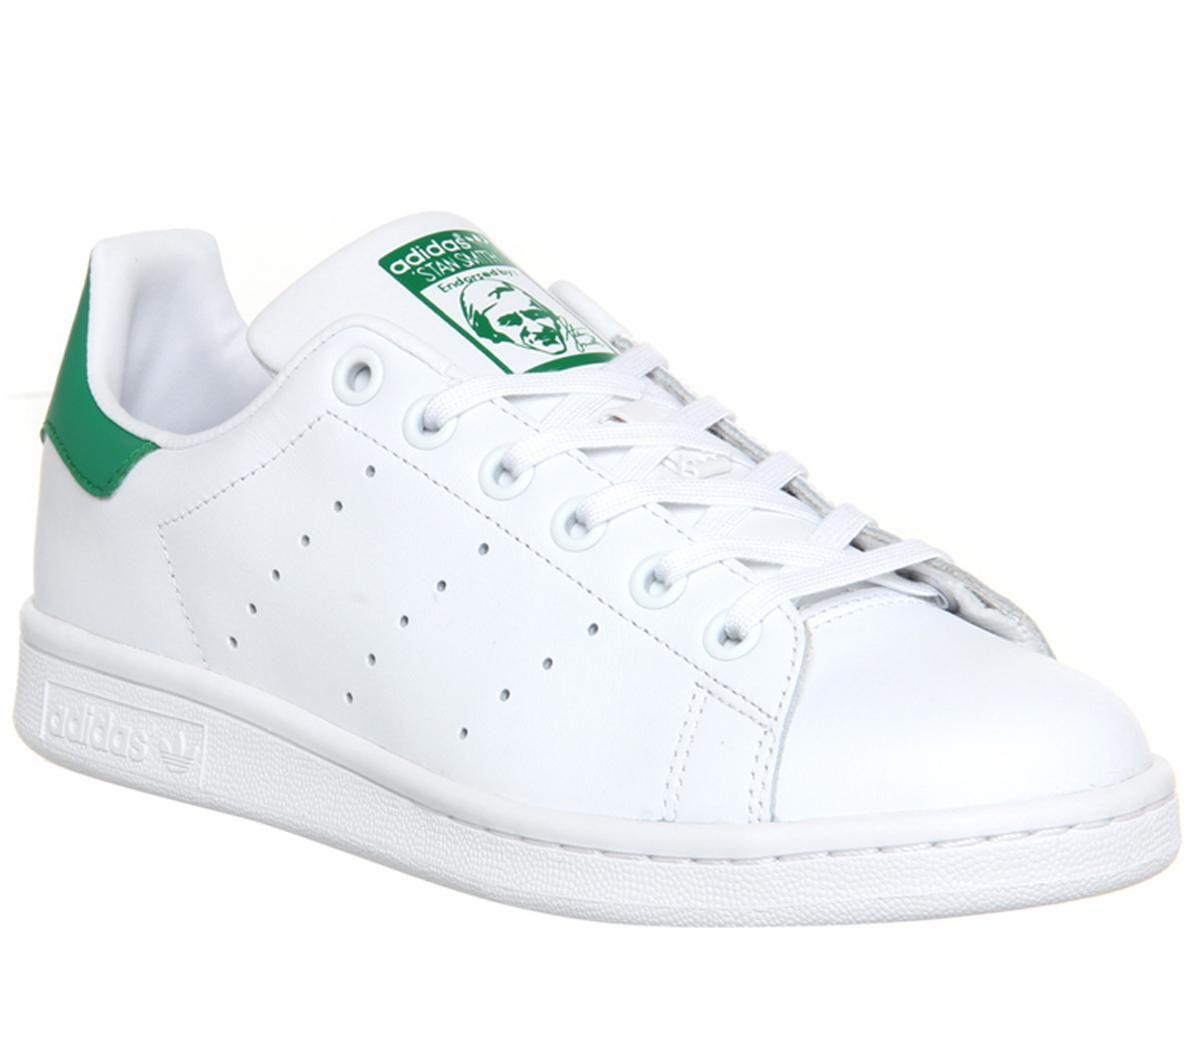 Detalles de Mujer adidas Stan Smith Flash Zapatillas Blanco Verde  Zapatillas Deportivas